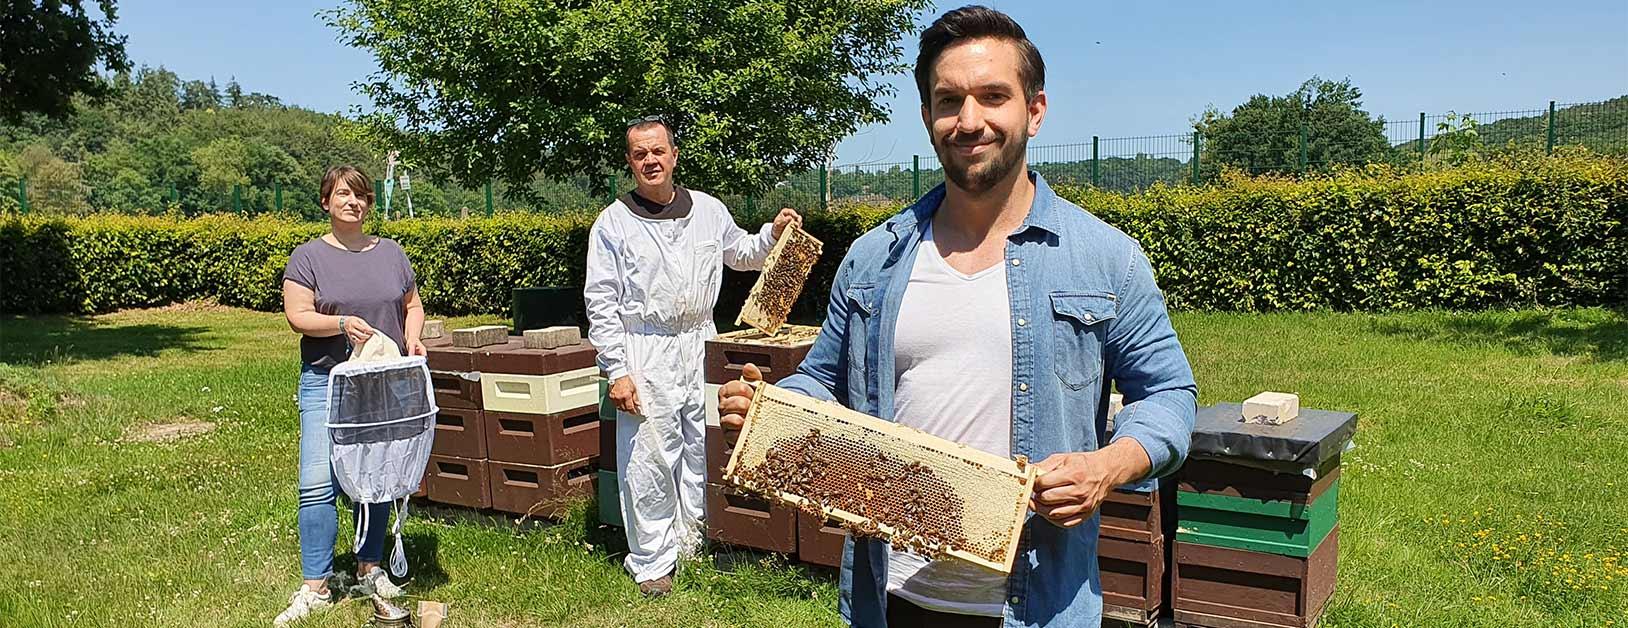 Frank Schmutzler, Mark Schmutzler und Heike Stolz am Bienenstand